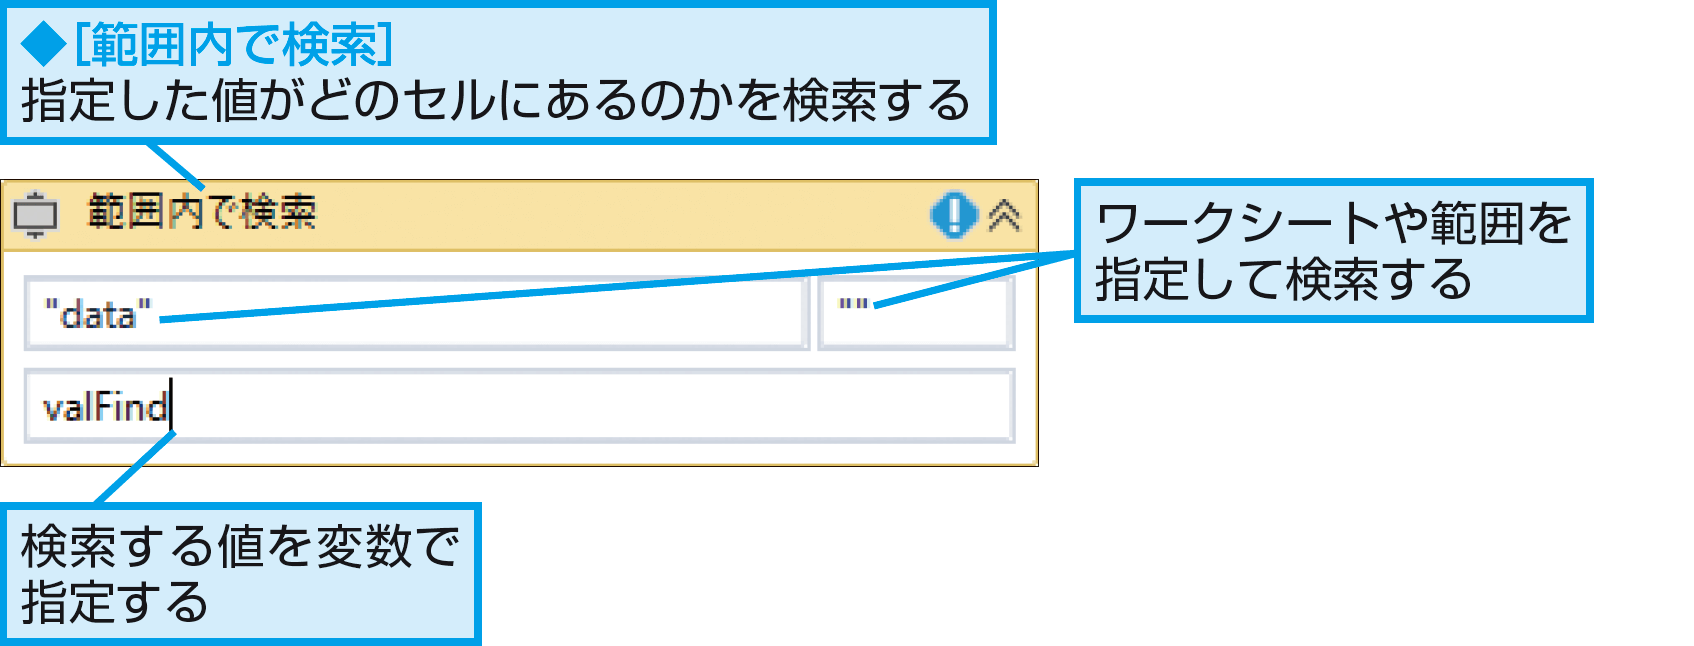 Excelから特定のデータだけを抽出するには(範囲内で検索、フィルターウィザード) - できるUiPath